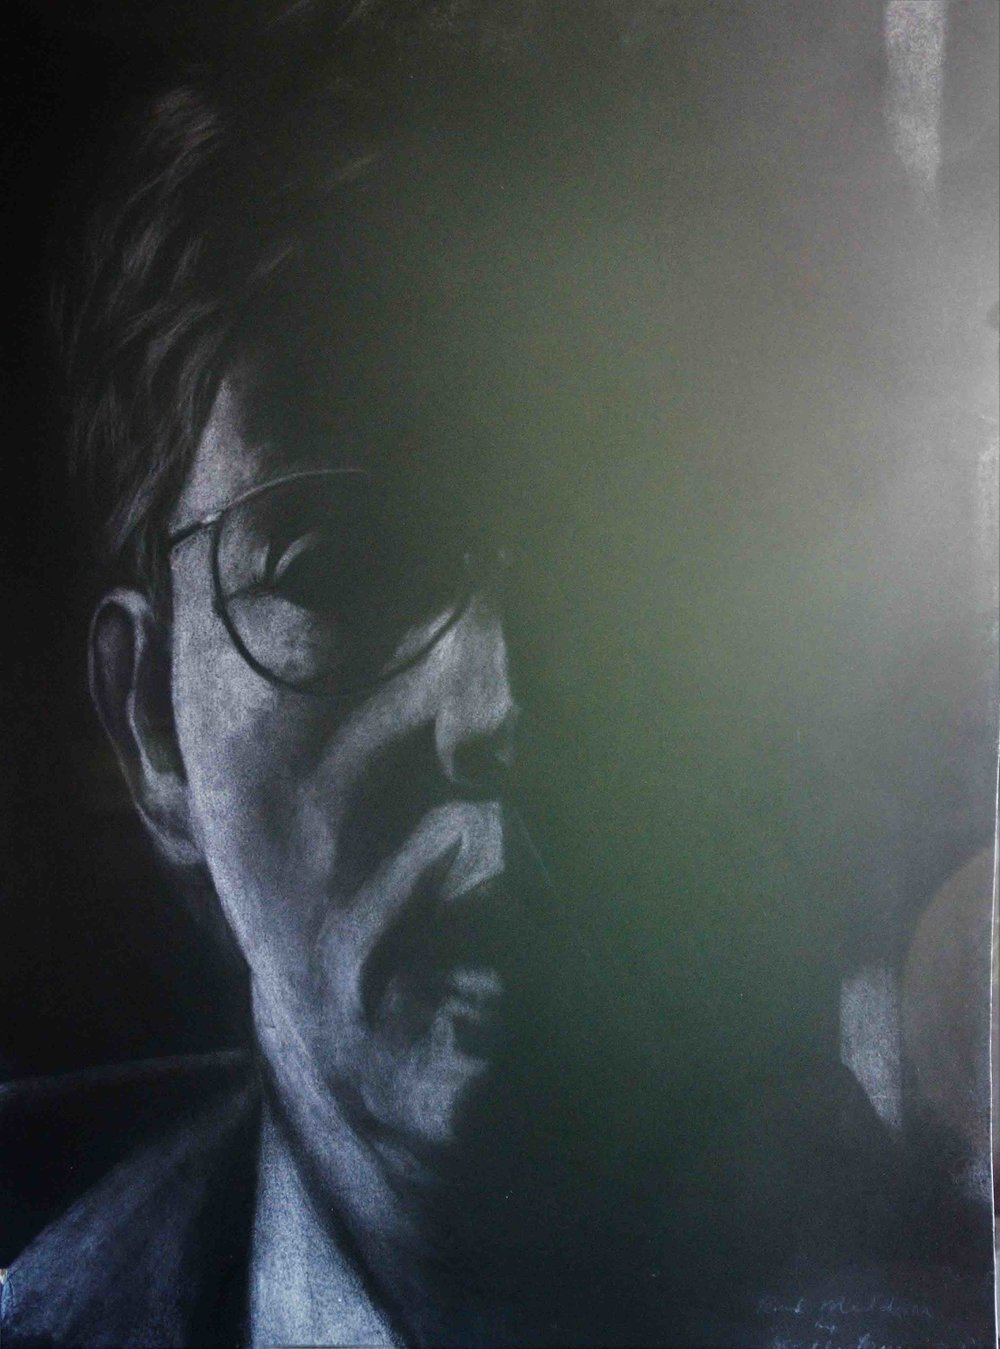 Paul Muldoon poet charcoal on board